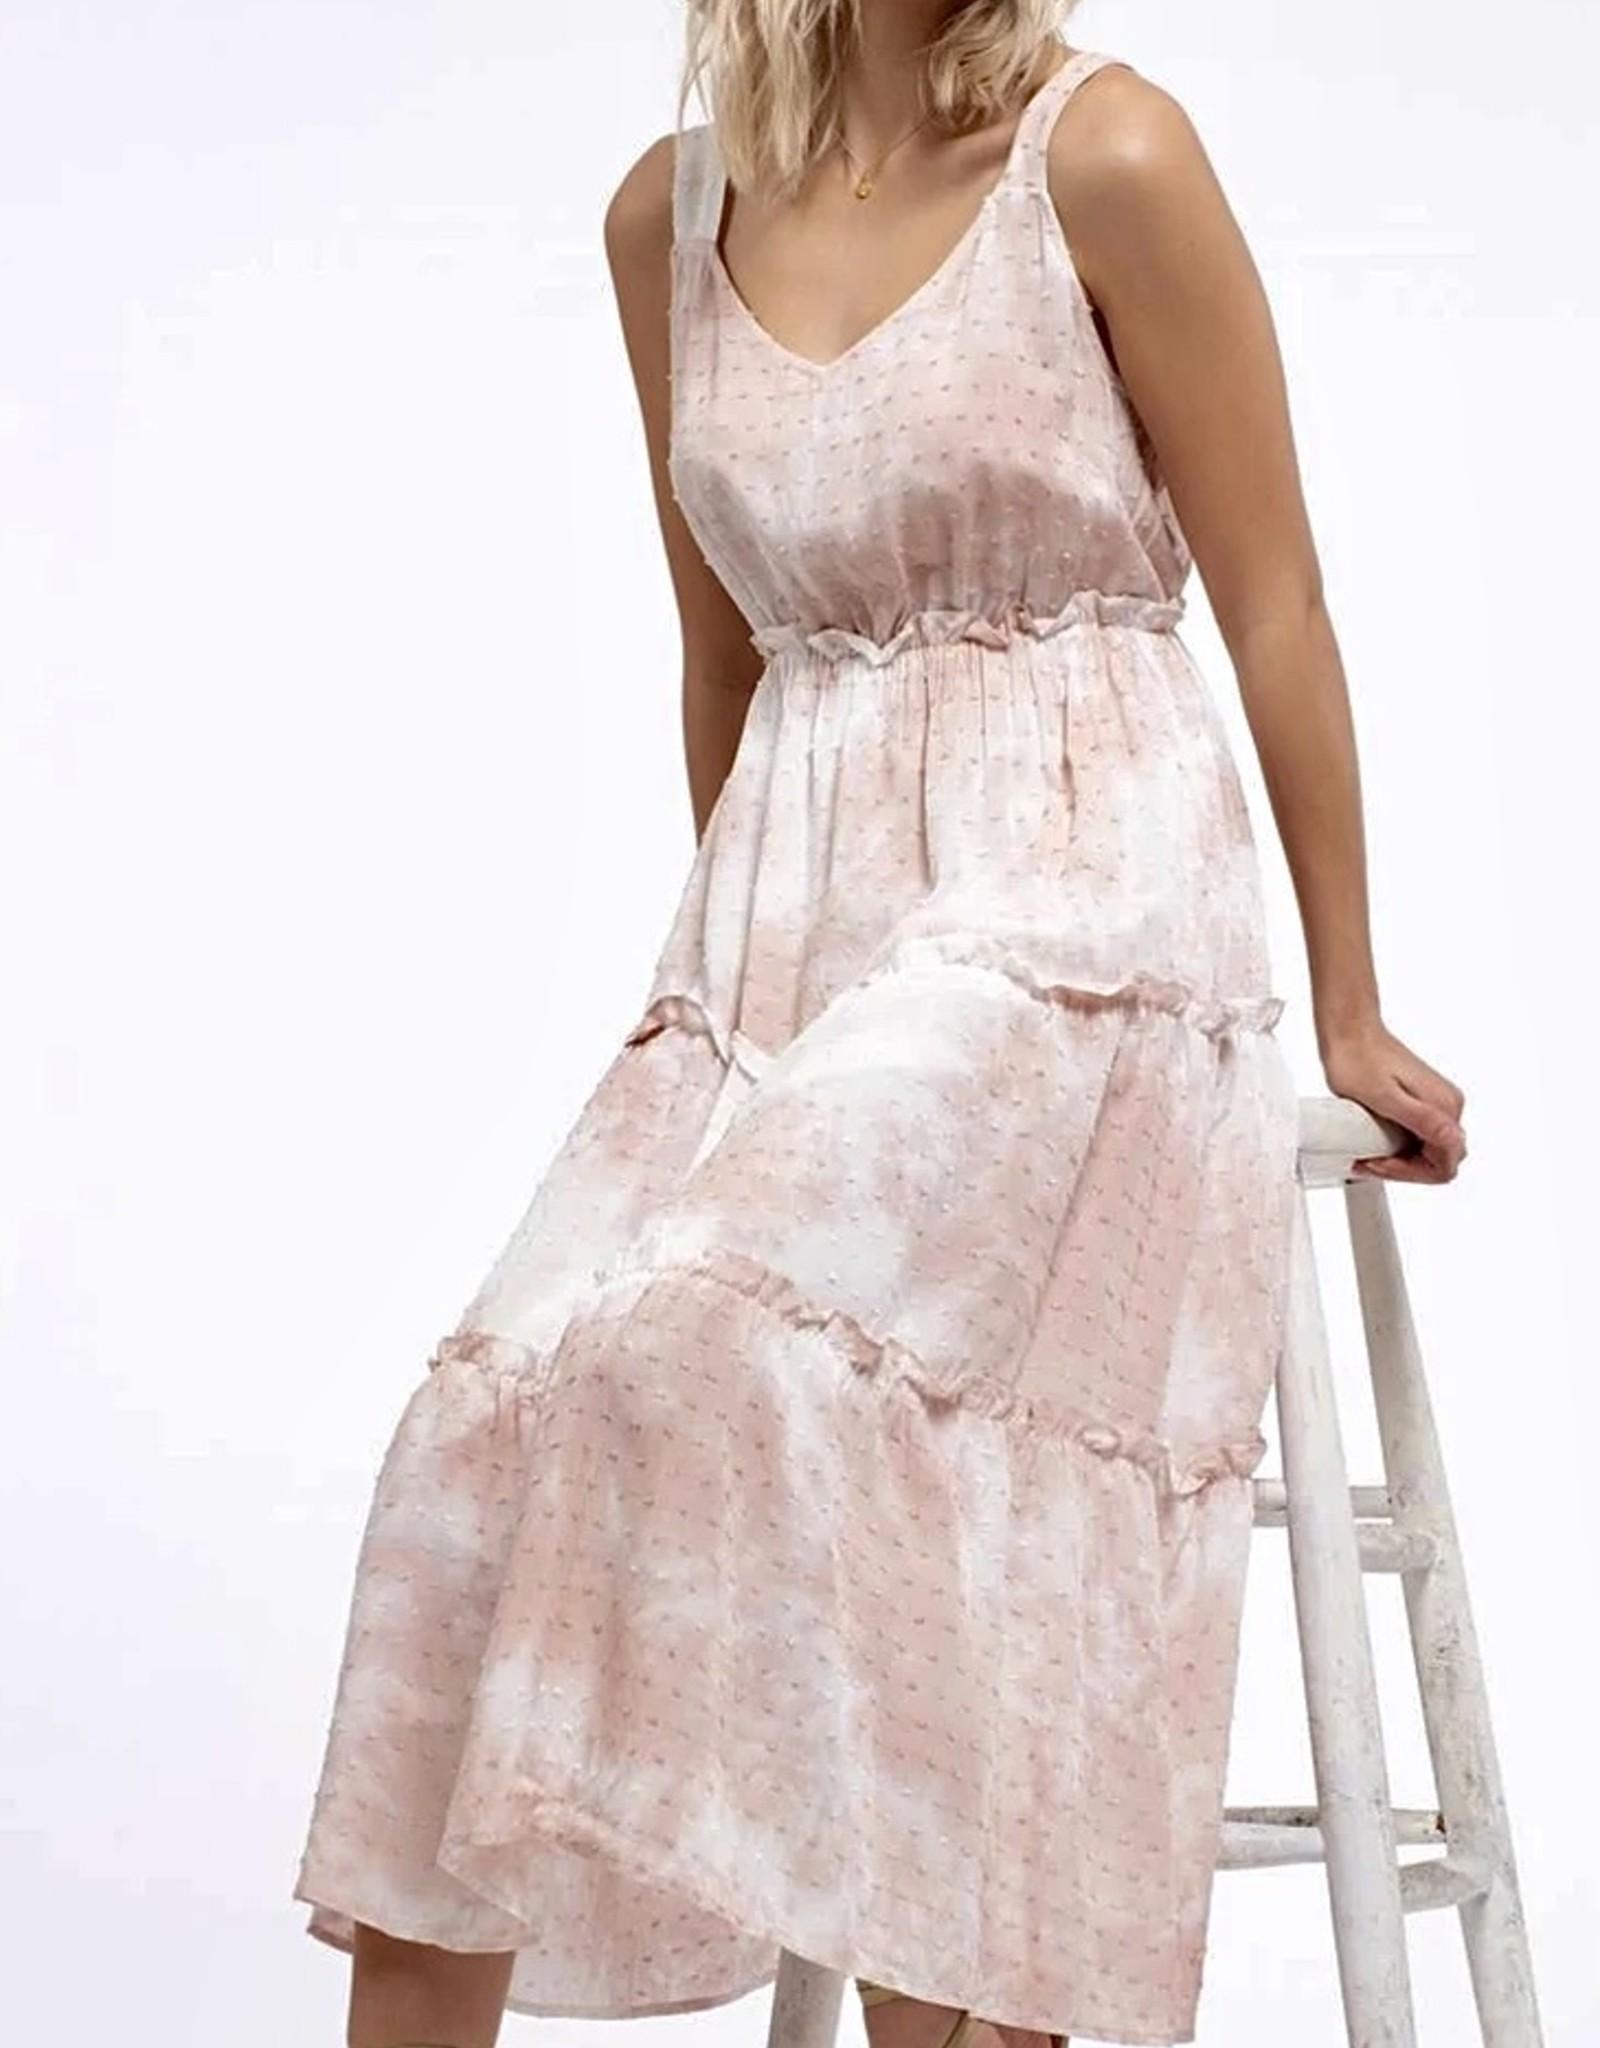 HUSH RUTHIE midi dress